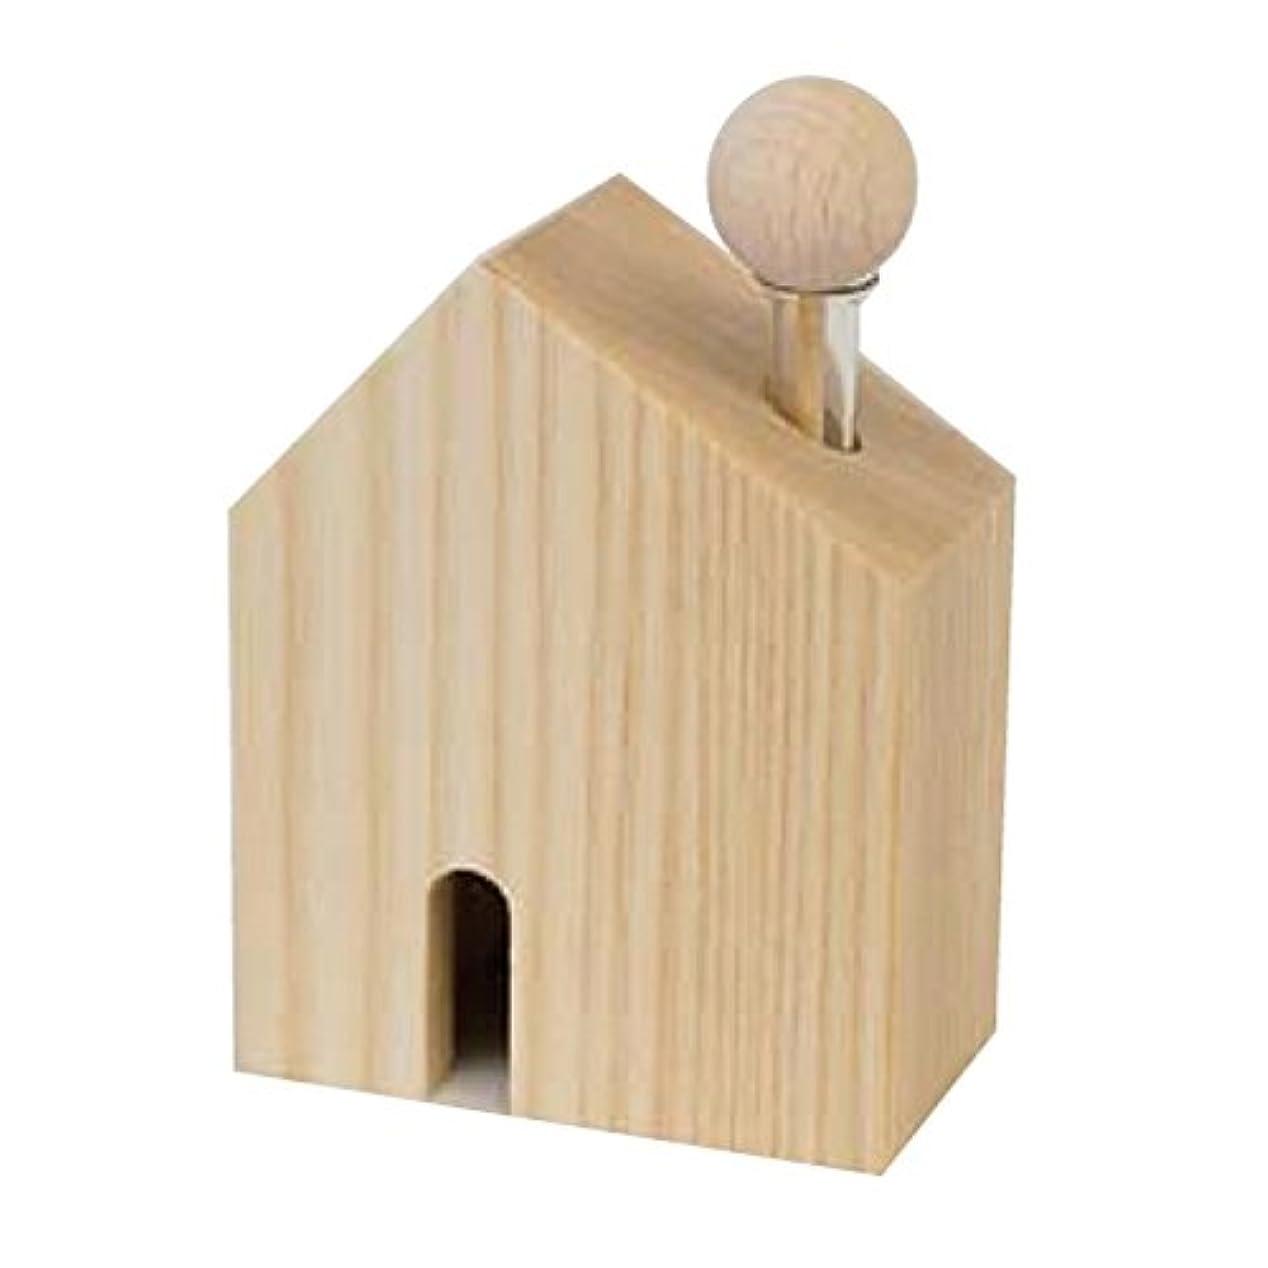 居住者ロープ以内にカリス成城 アロマ芳香器 木のお家